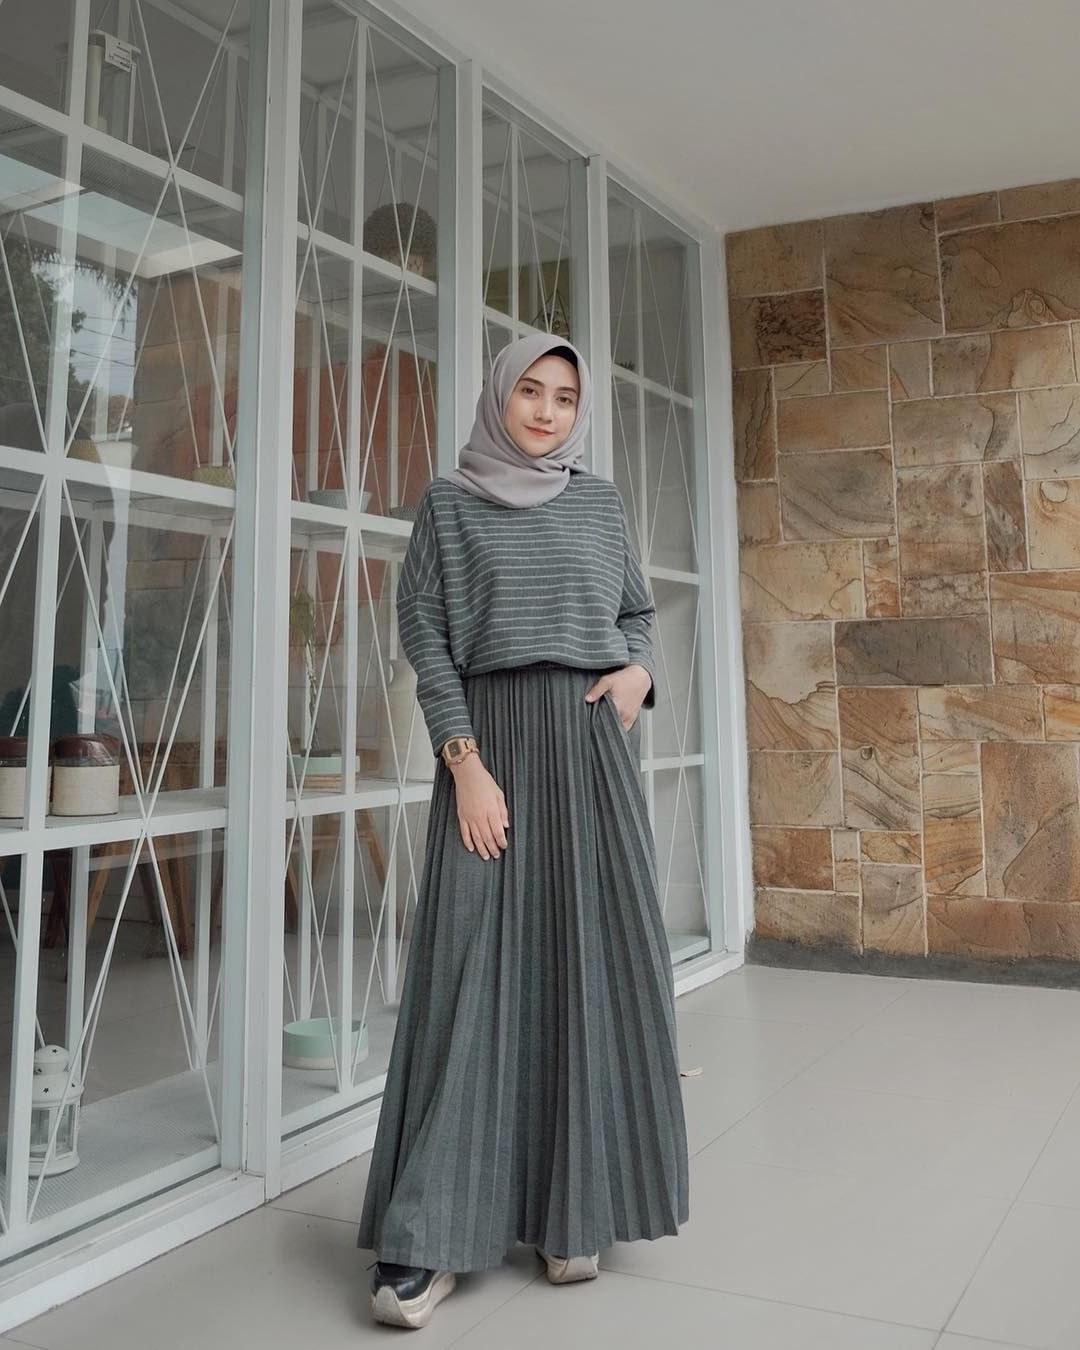 Design Model Baju Lebaran 2019 Terbaru Fmdf Baju Muslim Lebaran Terbaru 2019 Dengan Gambar